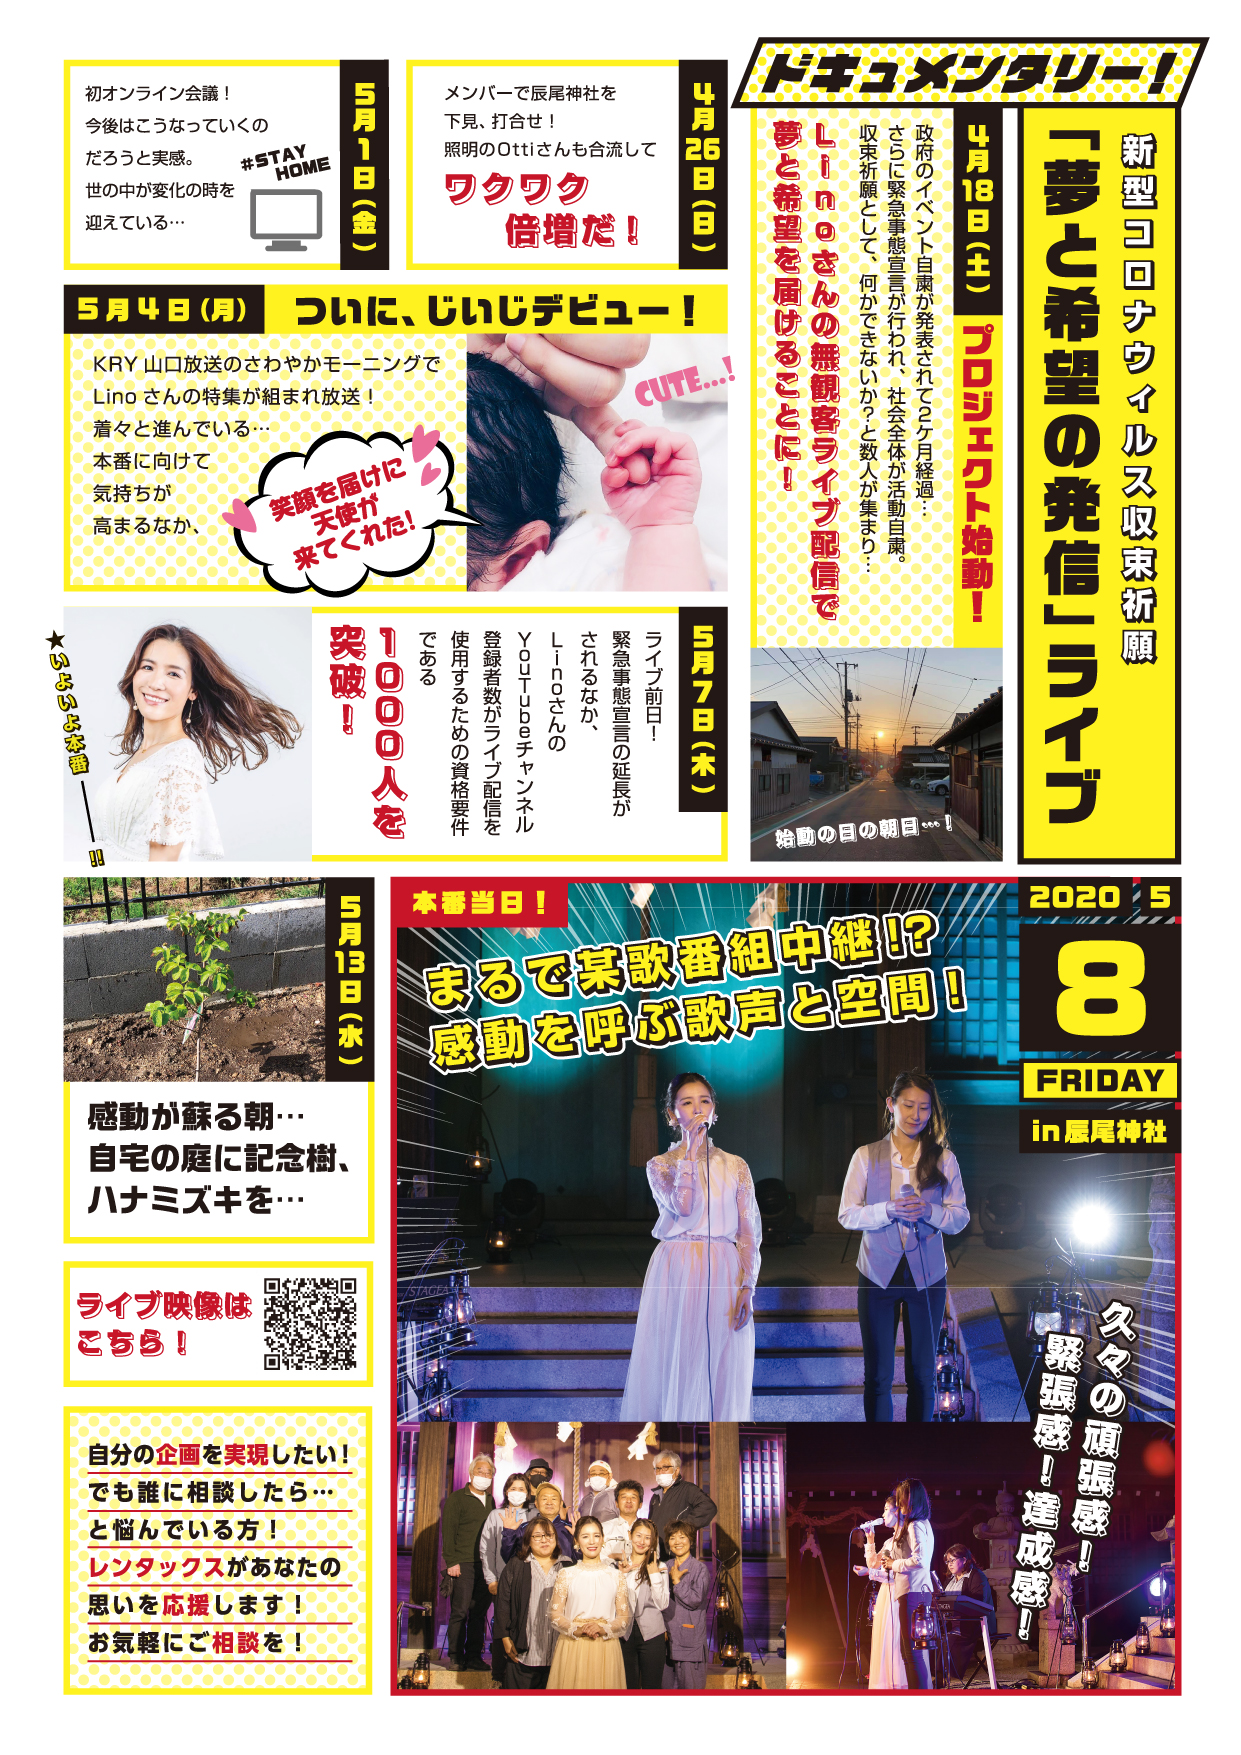 ニュースレターVOL.2 2ページ目